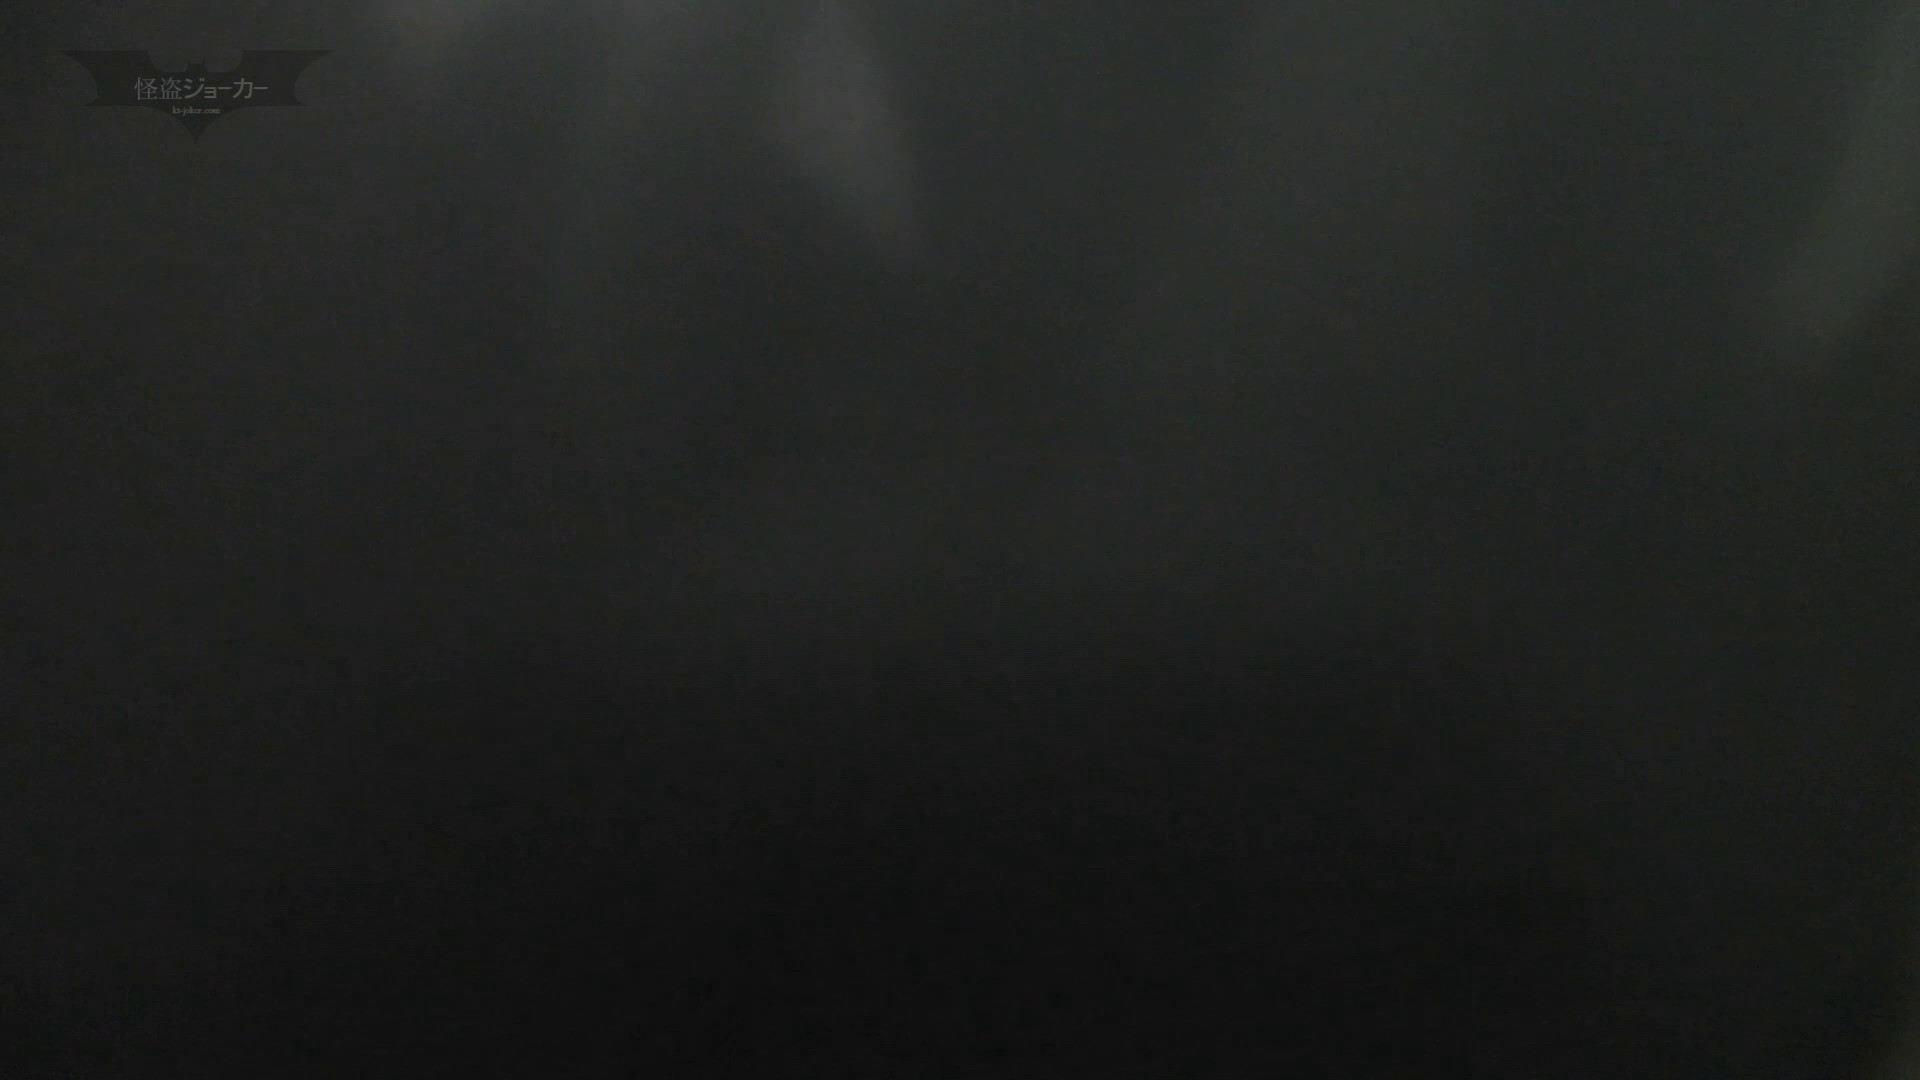 下からノゾム vol.030 びしょびしょの連続、お尻半分濡れるほど、 エッチすぎるOL達 | 0  67連発 59